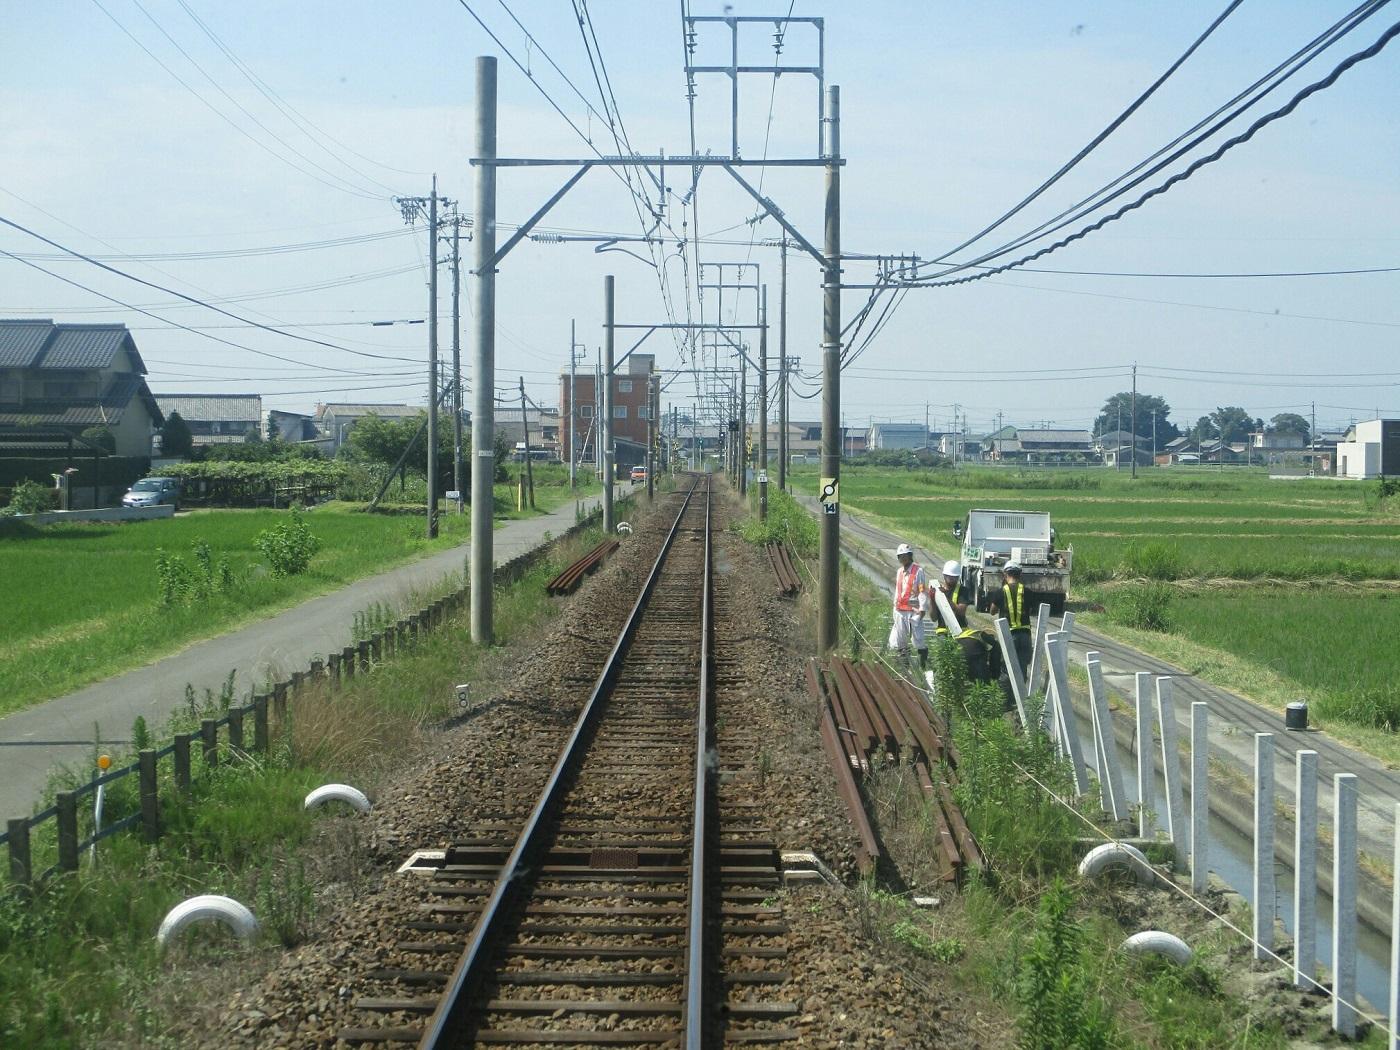 2018.7.18 (37) 新羽島いきふつう - 柳津-南宿間 1400-1050